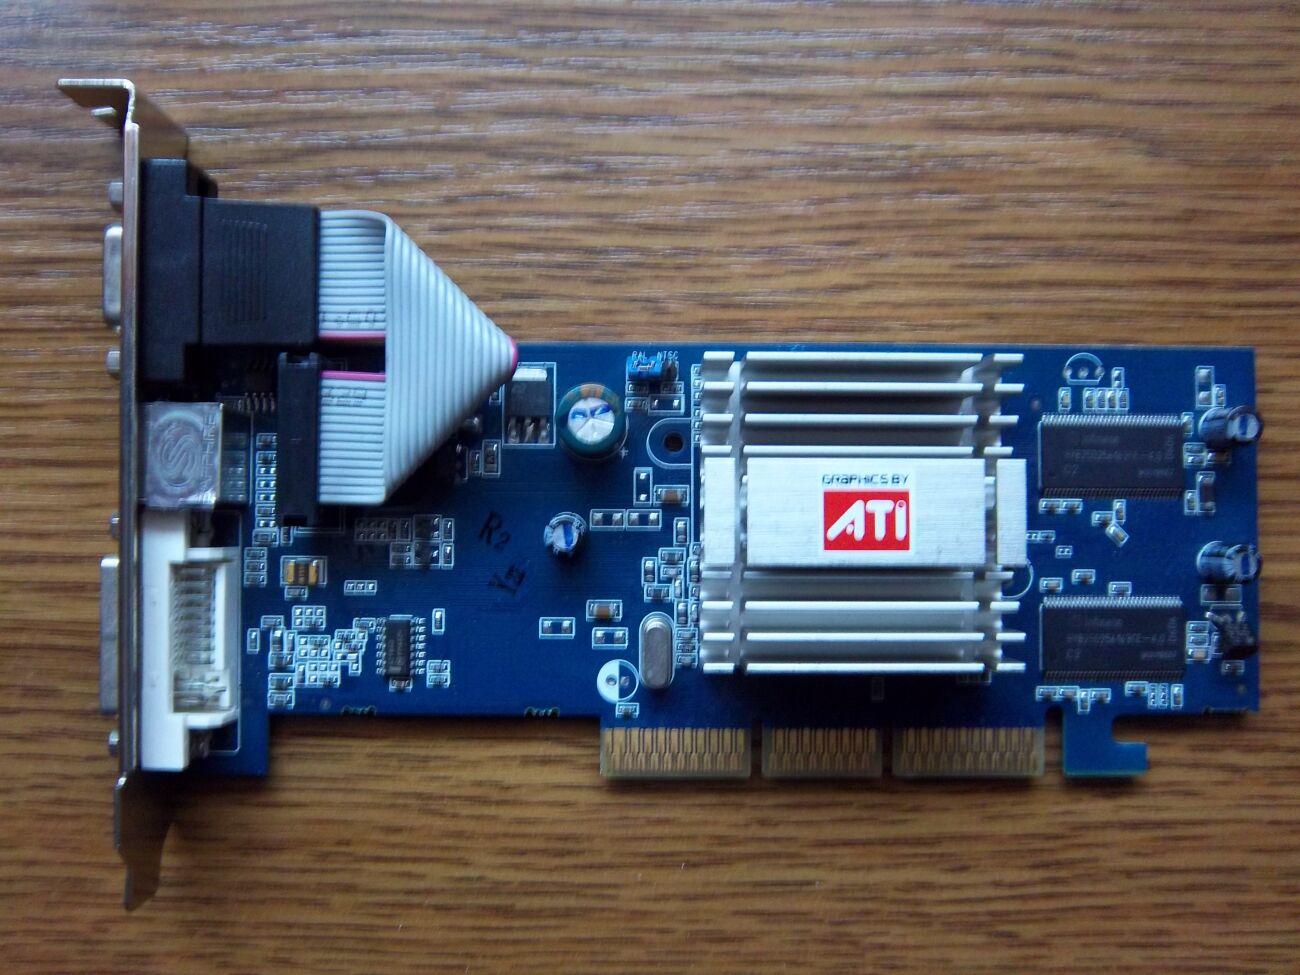 Відеокарта ATI Radeon 9250 128Mb AGP